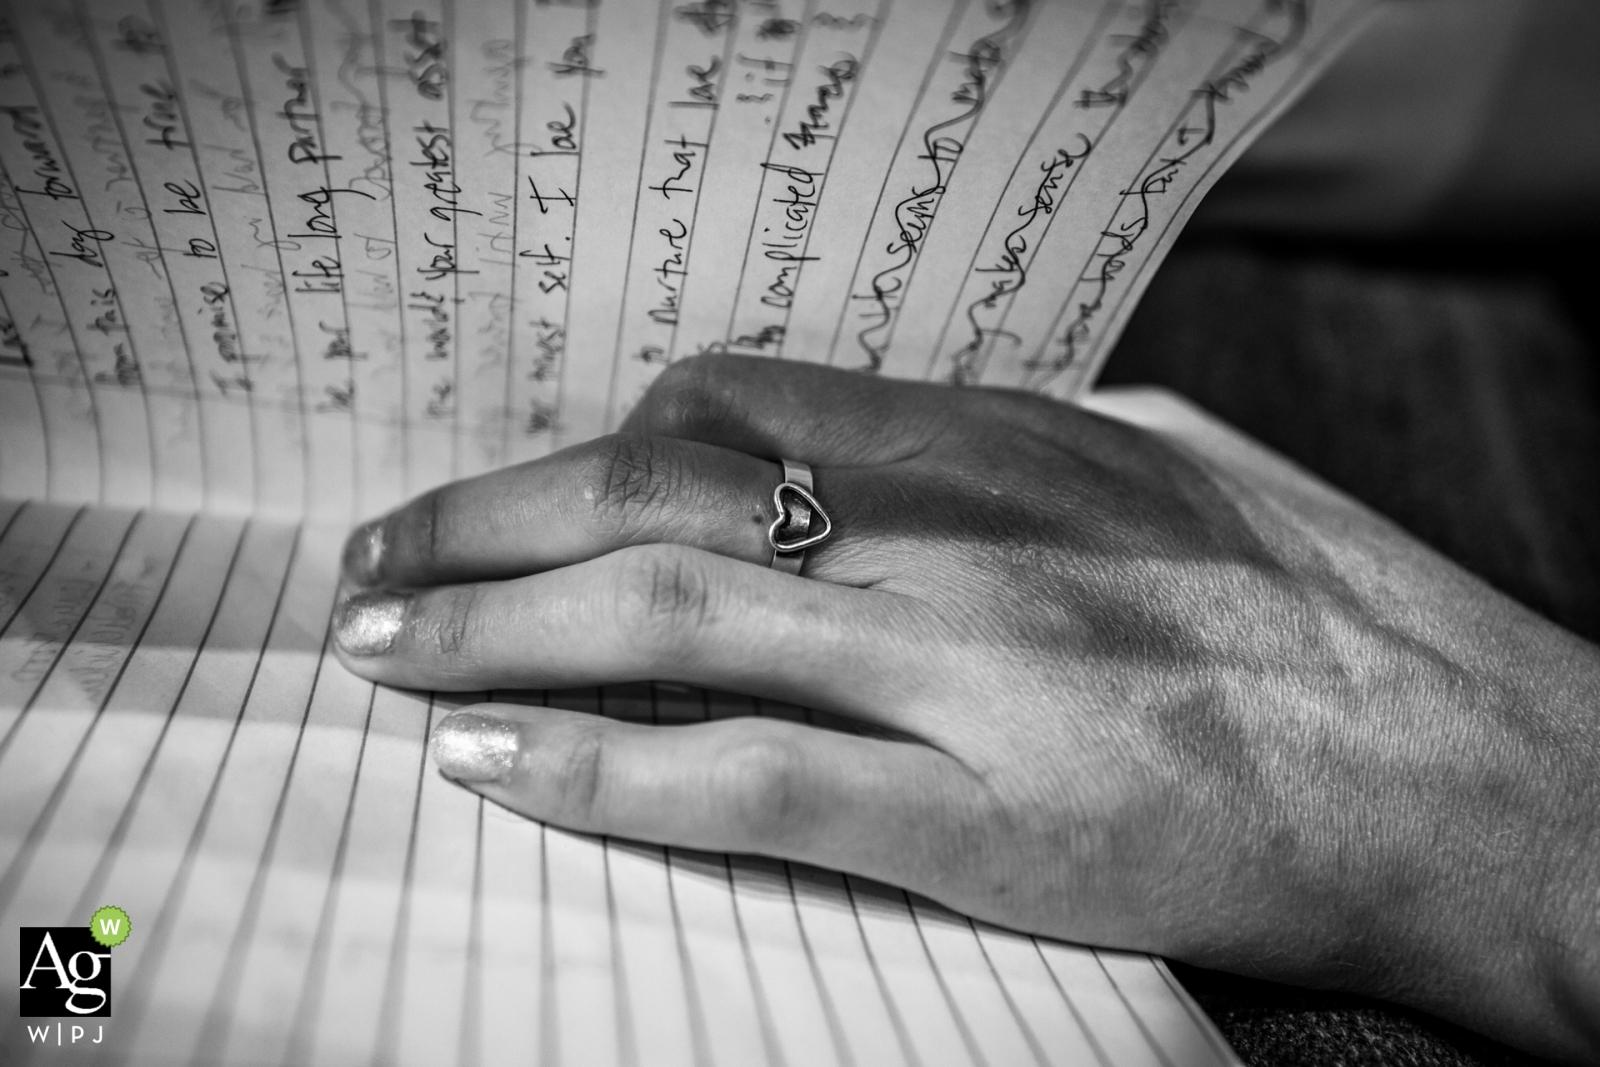 環射擊讀書筆記本用在頁之間的手 -  MN婚禮攝影